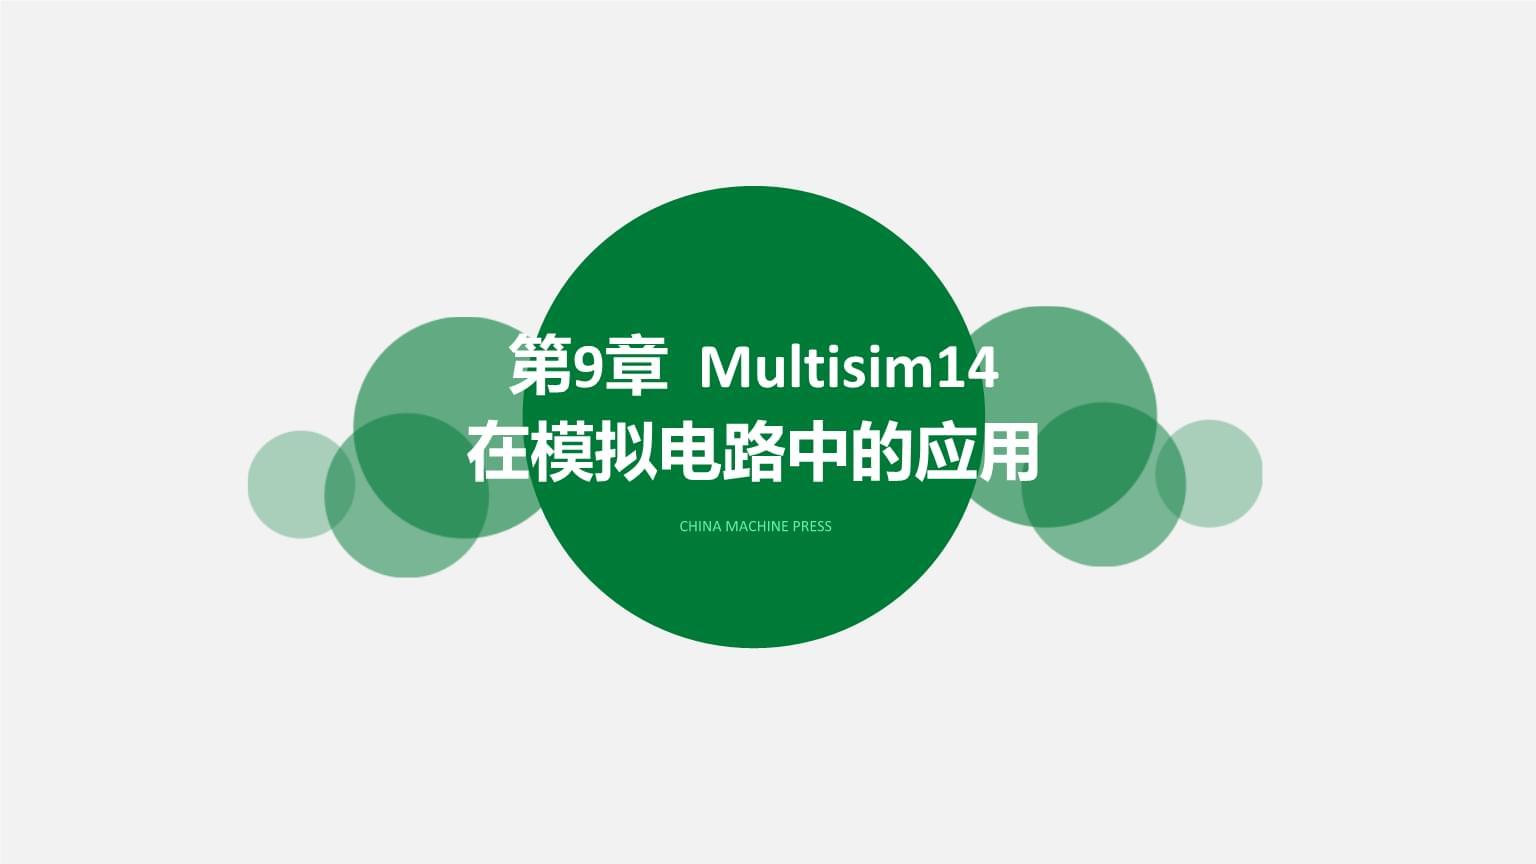 Multisim14电子系统仿真与设计第10章 Multisim14在模拟电路中的应用.ppt